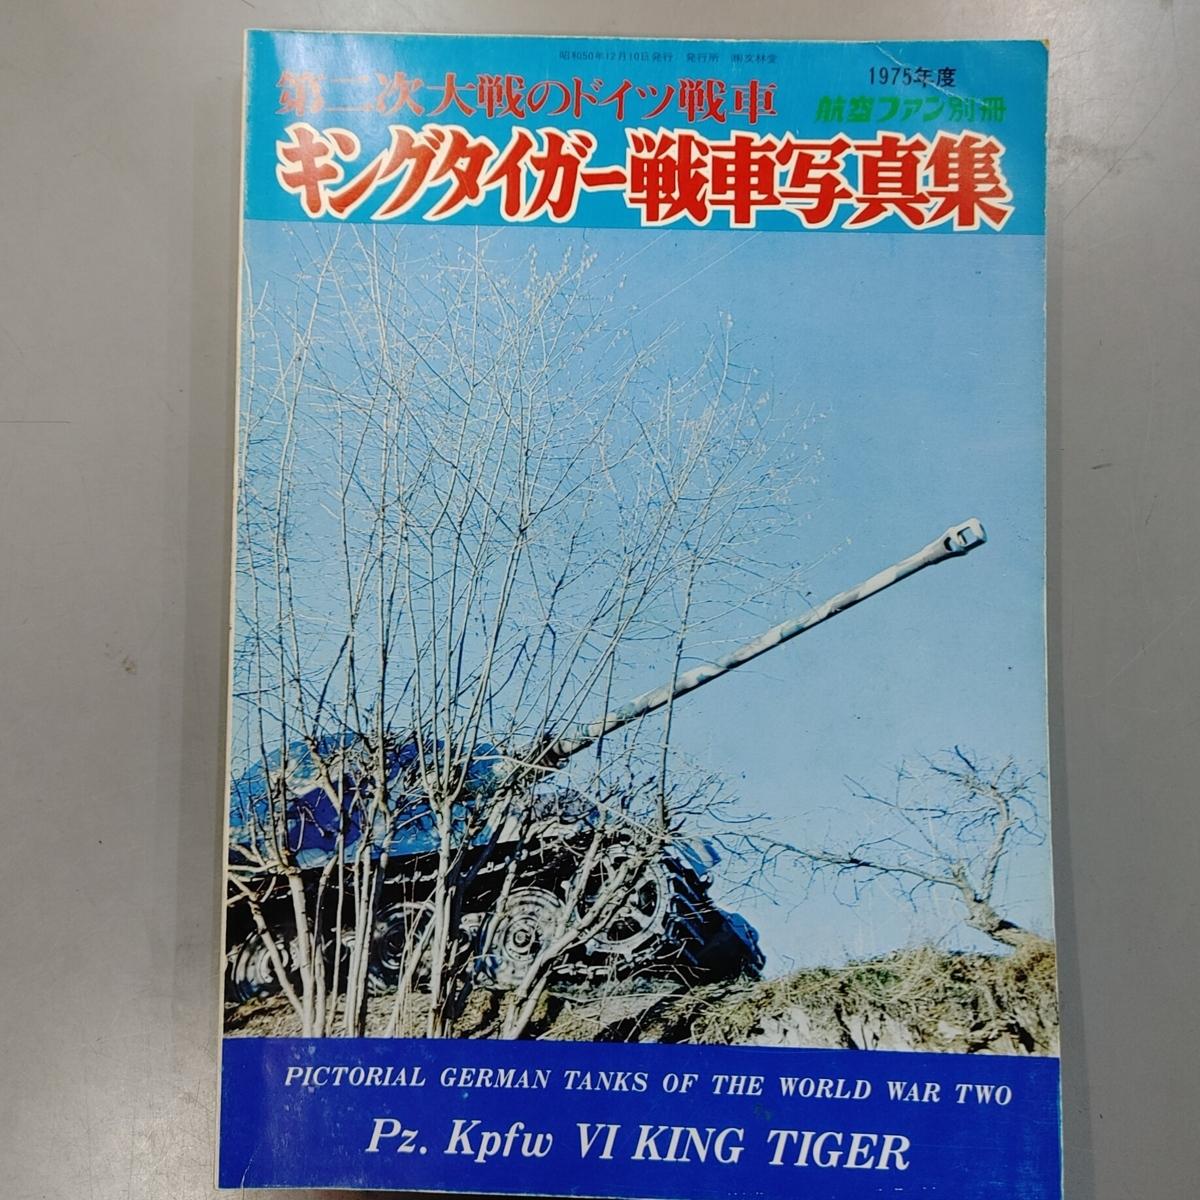 航空ファン別冊 1975年度 第二次大戦のドイツ戦車 キングタイガー戦車写真集_画像1